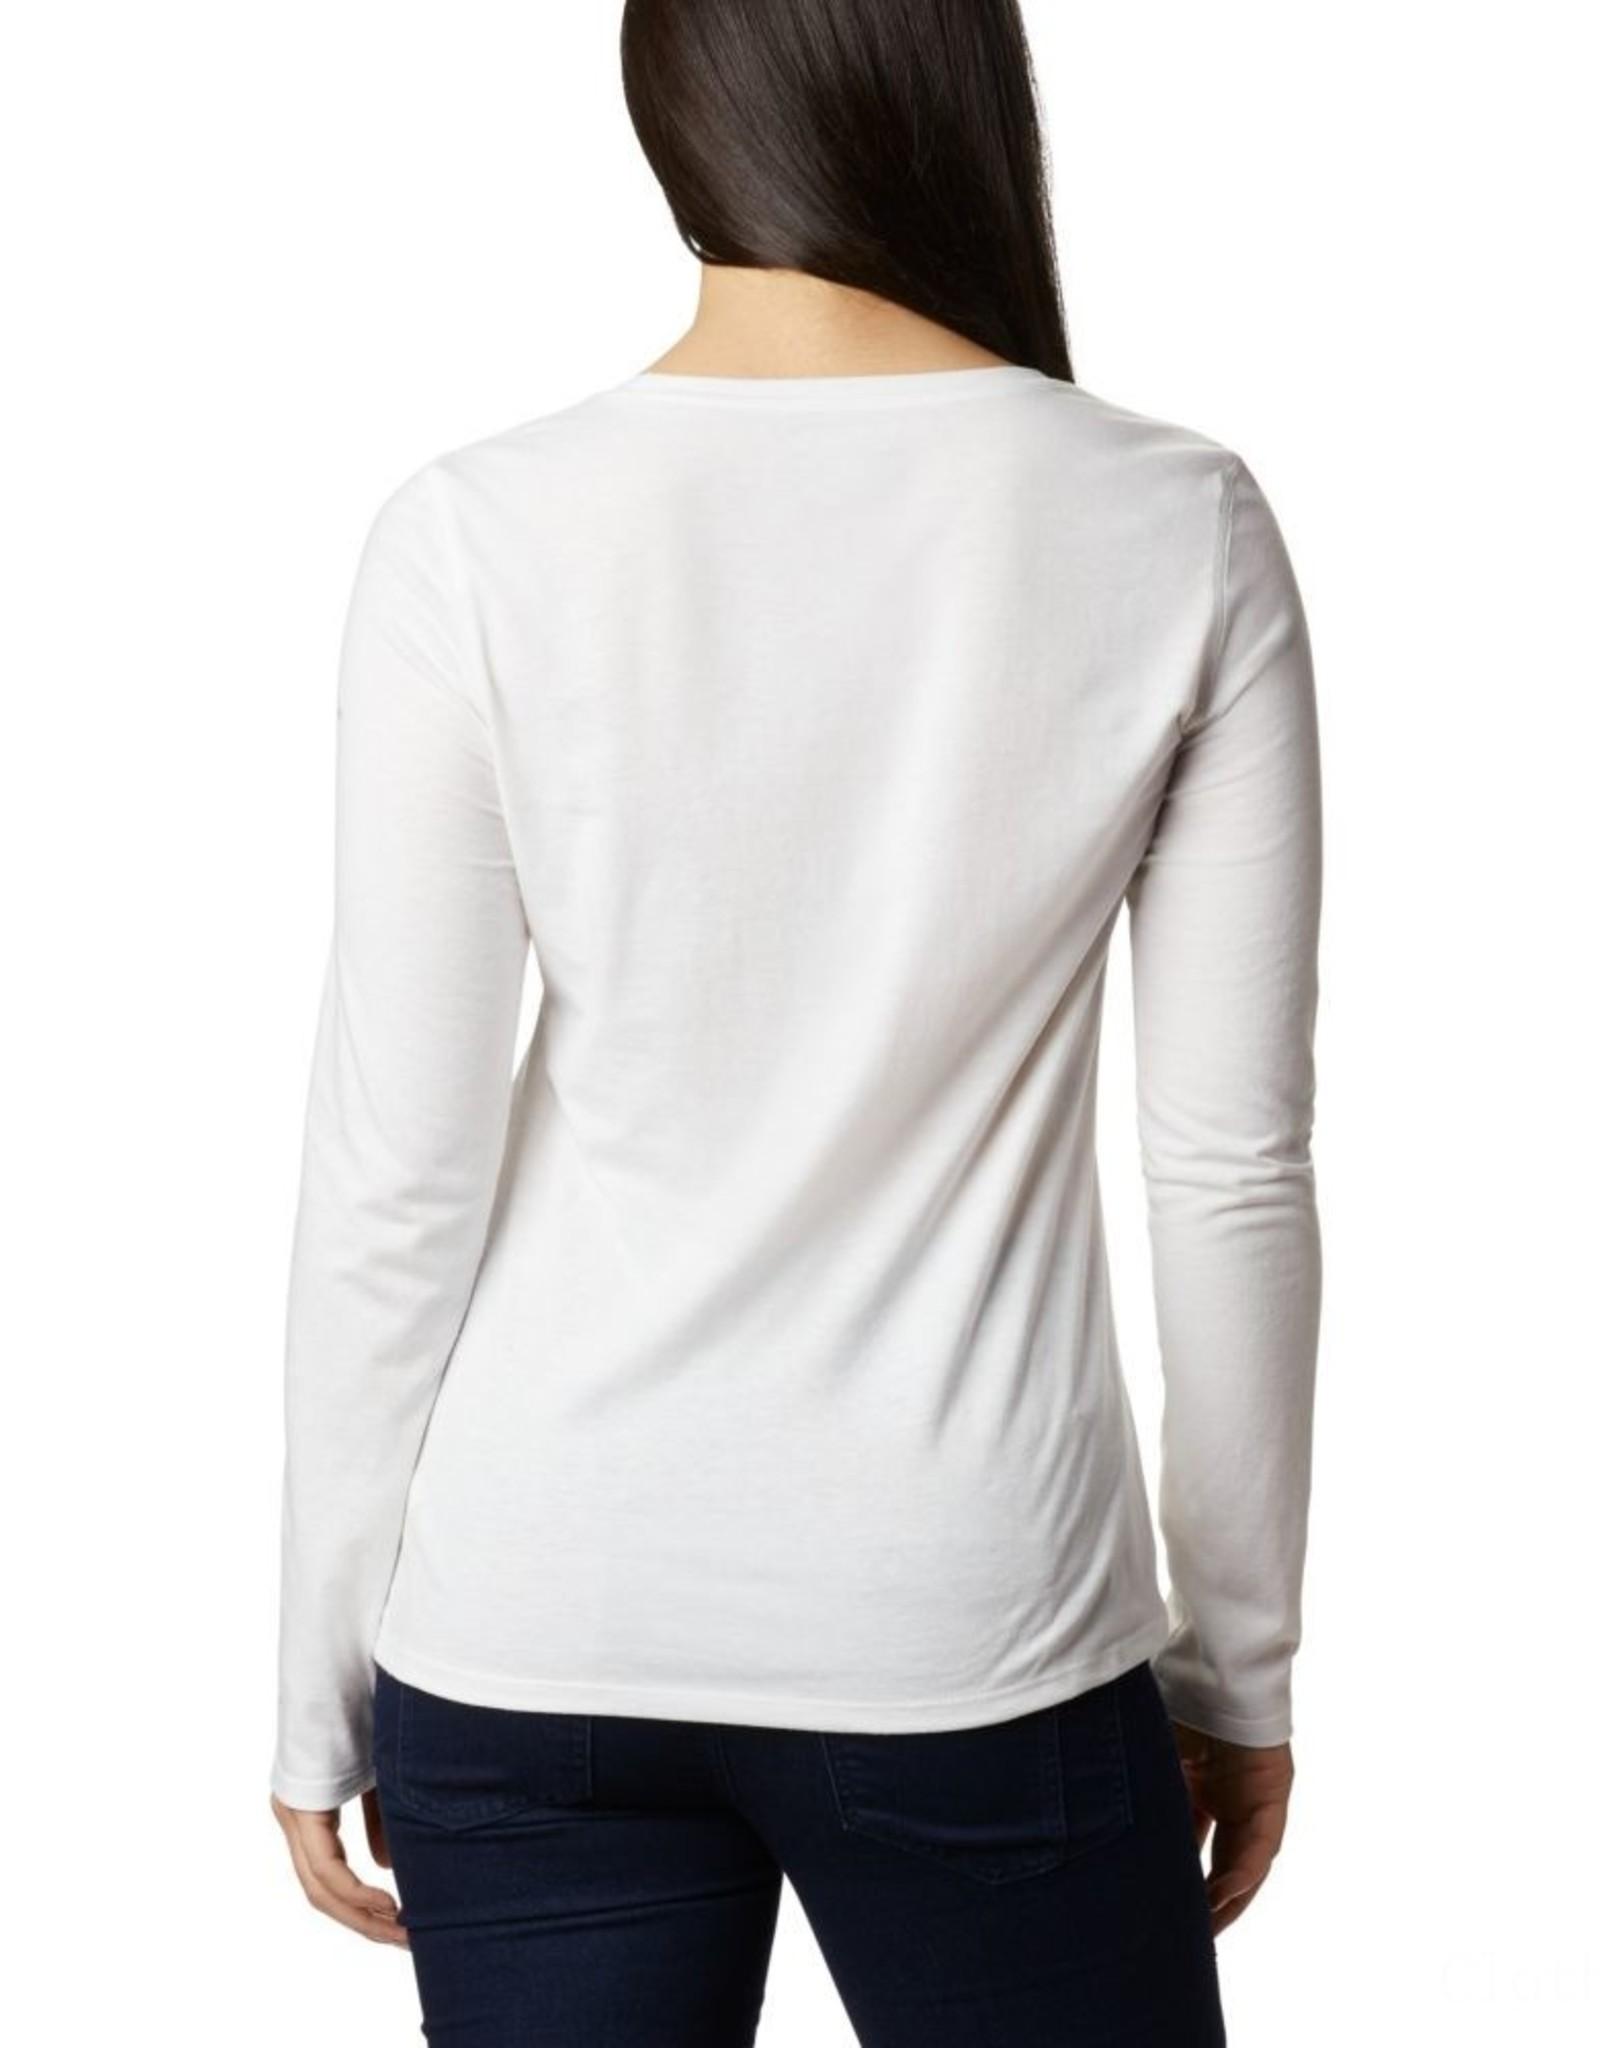 Columbia Women's Solar Shield Long Sleeve Shirt